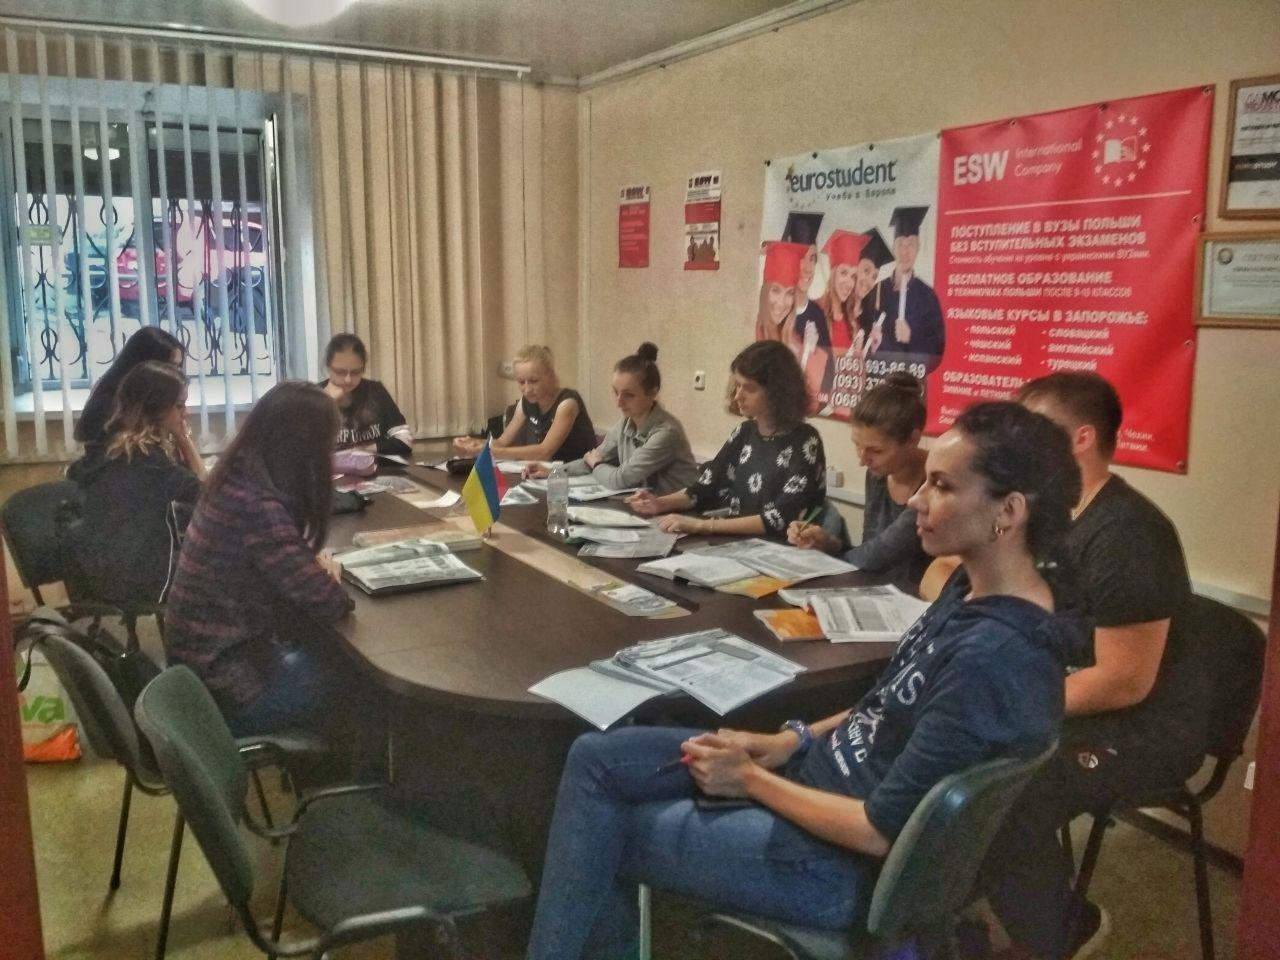 Курсы и Образование в Запорожье, фото-26